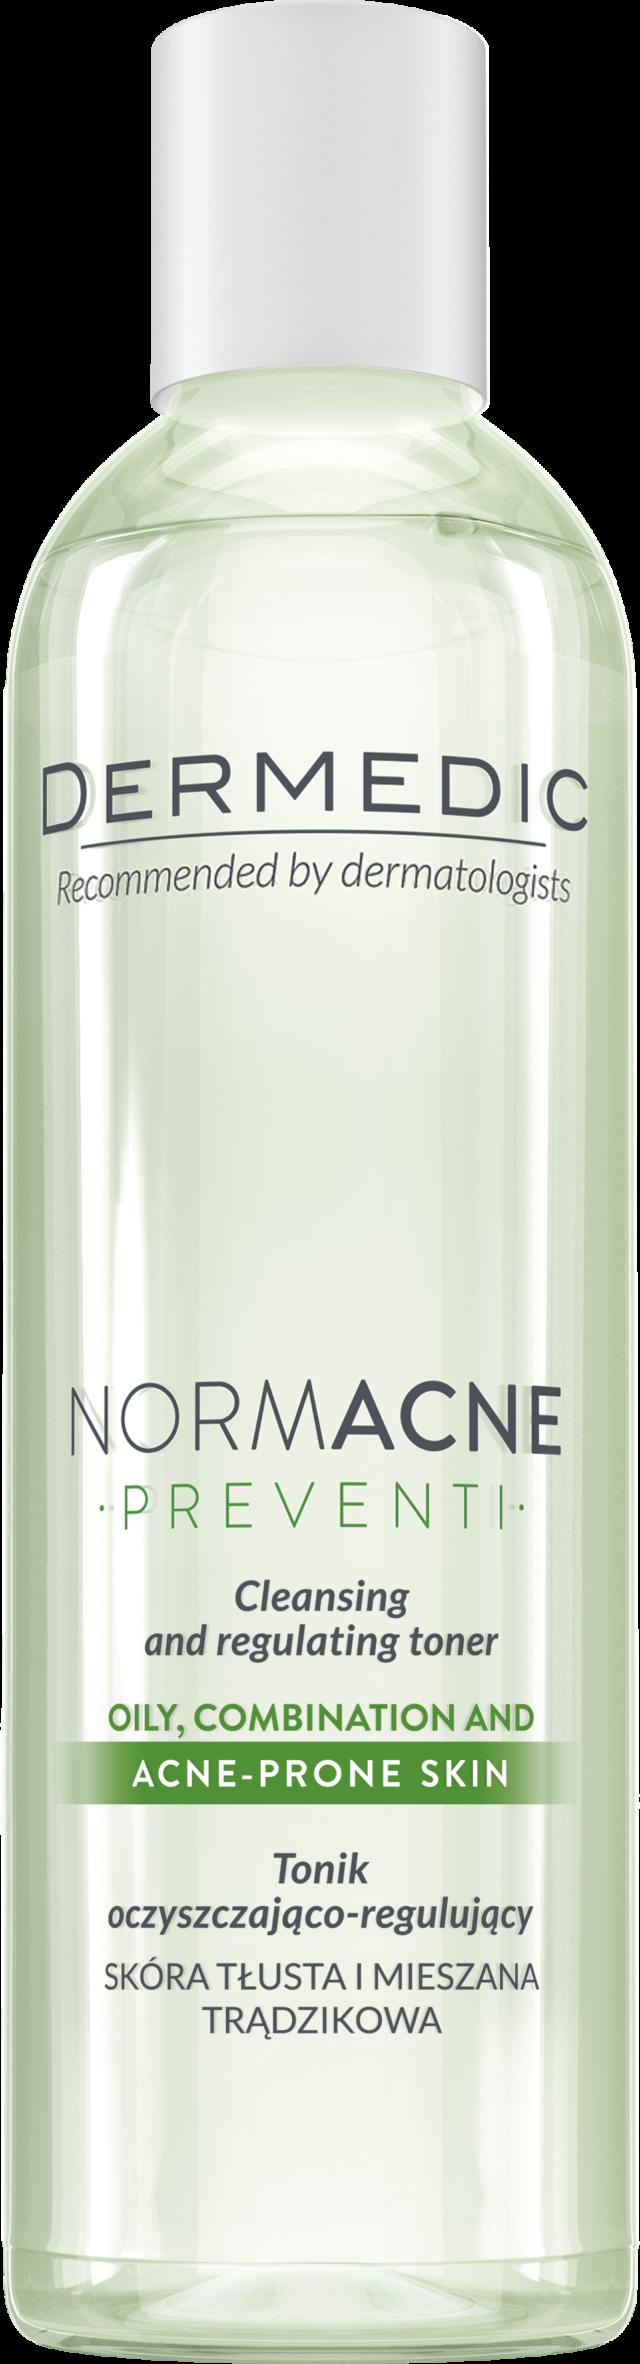 DERMEDIC NORMACNE Tonik oczyszczająco-regulujący 200 ml